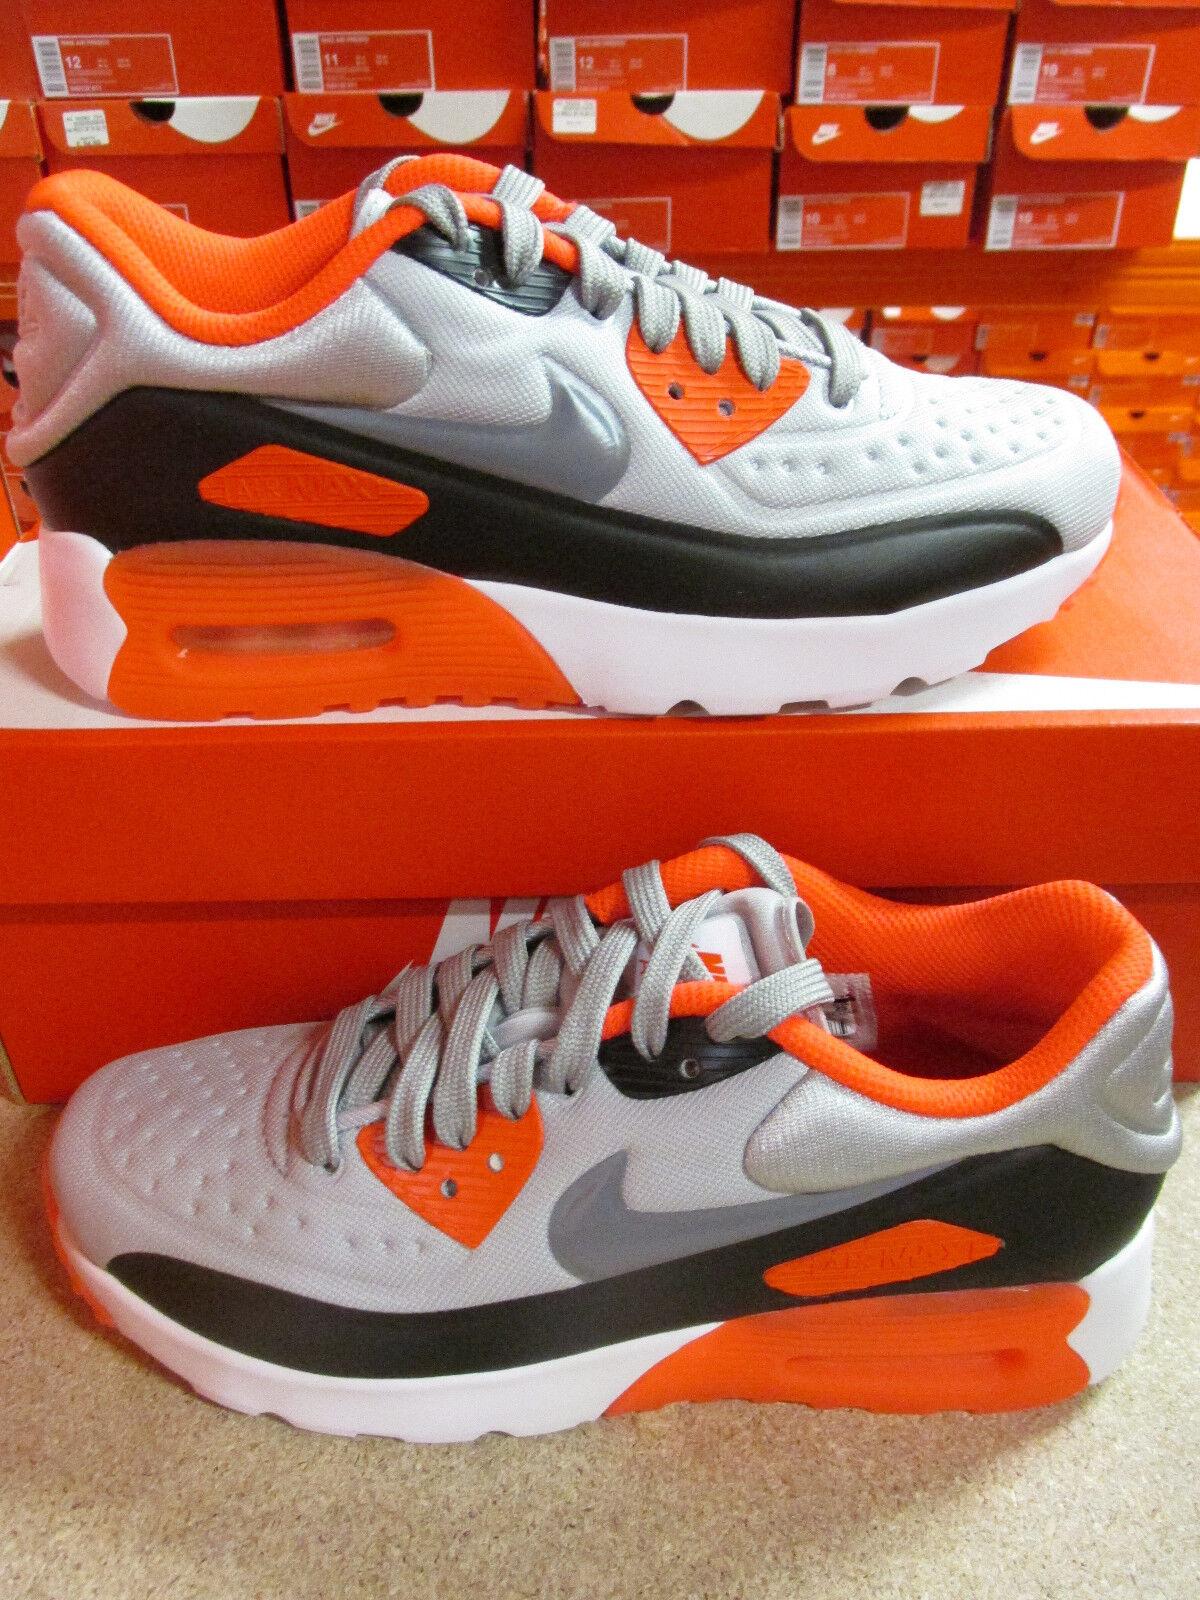 Nike Air Max 90 Ultra se (Gs) Scarpe da Corsa 844599 004 Scarpe da Tennis